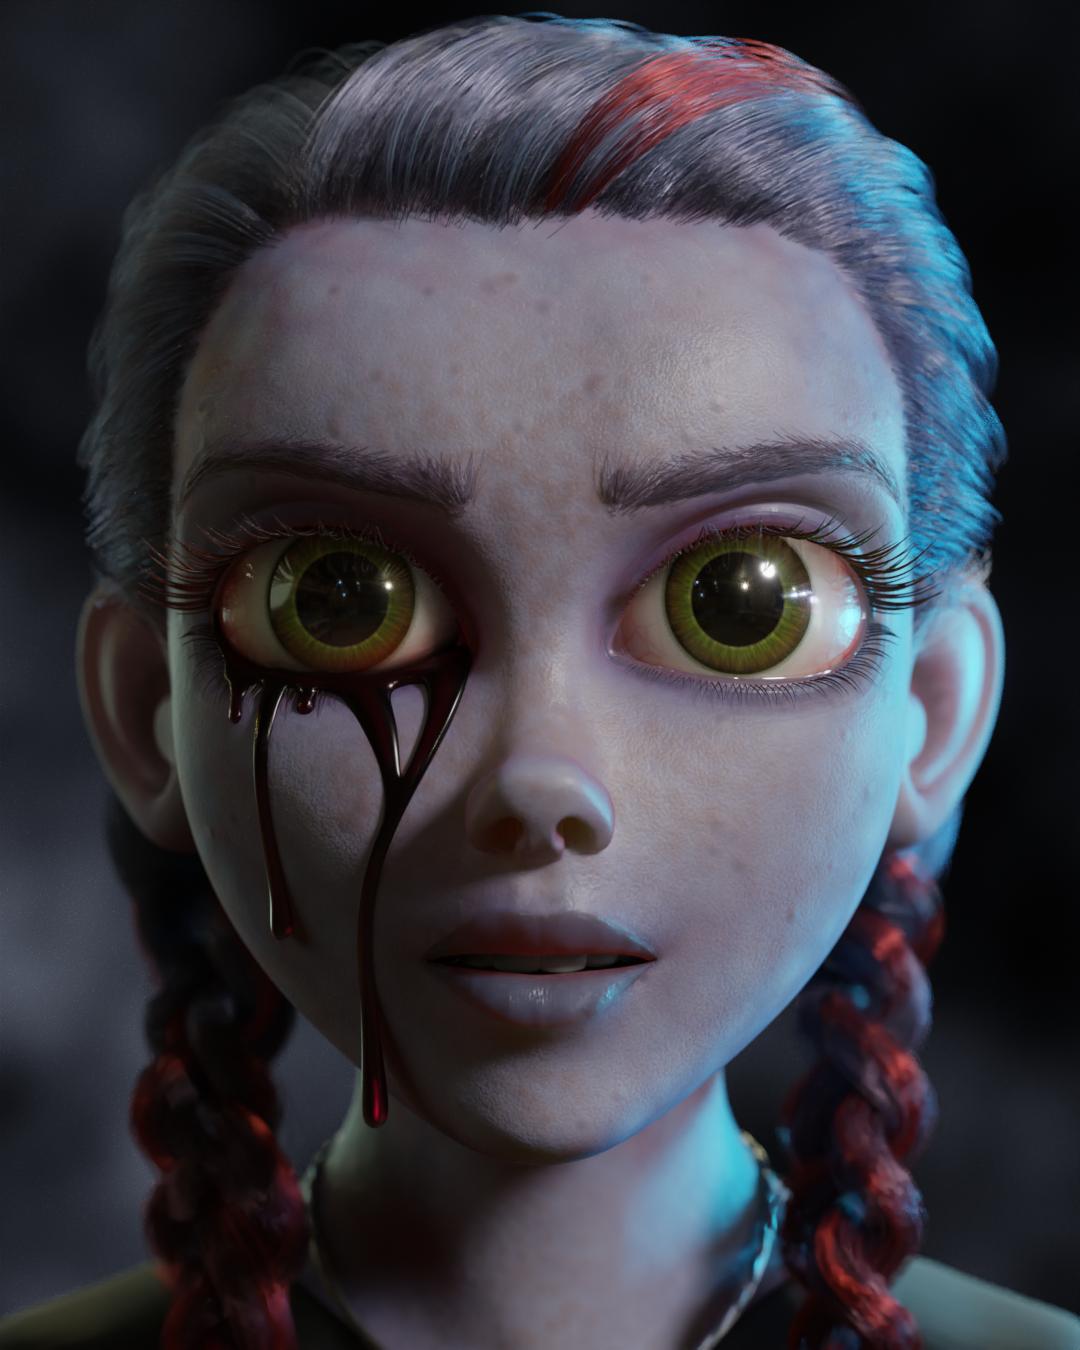 使用Blender创作《血腥玛丽》最终效果图